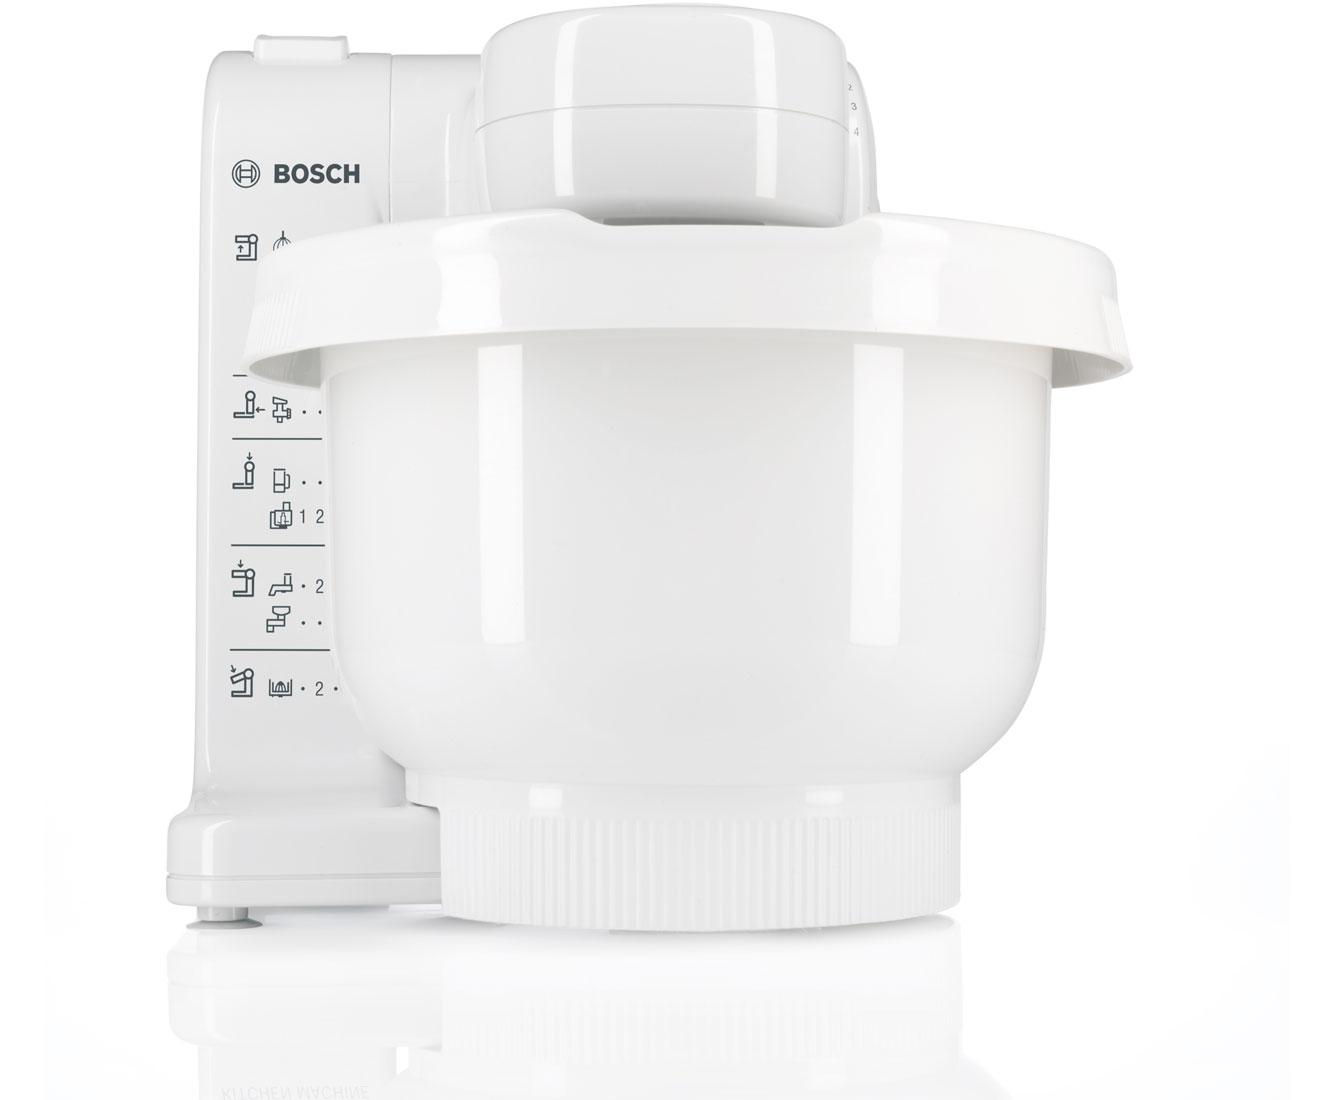 Bosch MUM4405 Küchenmaschinen - Weiss